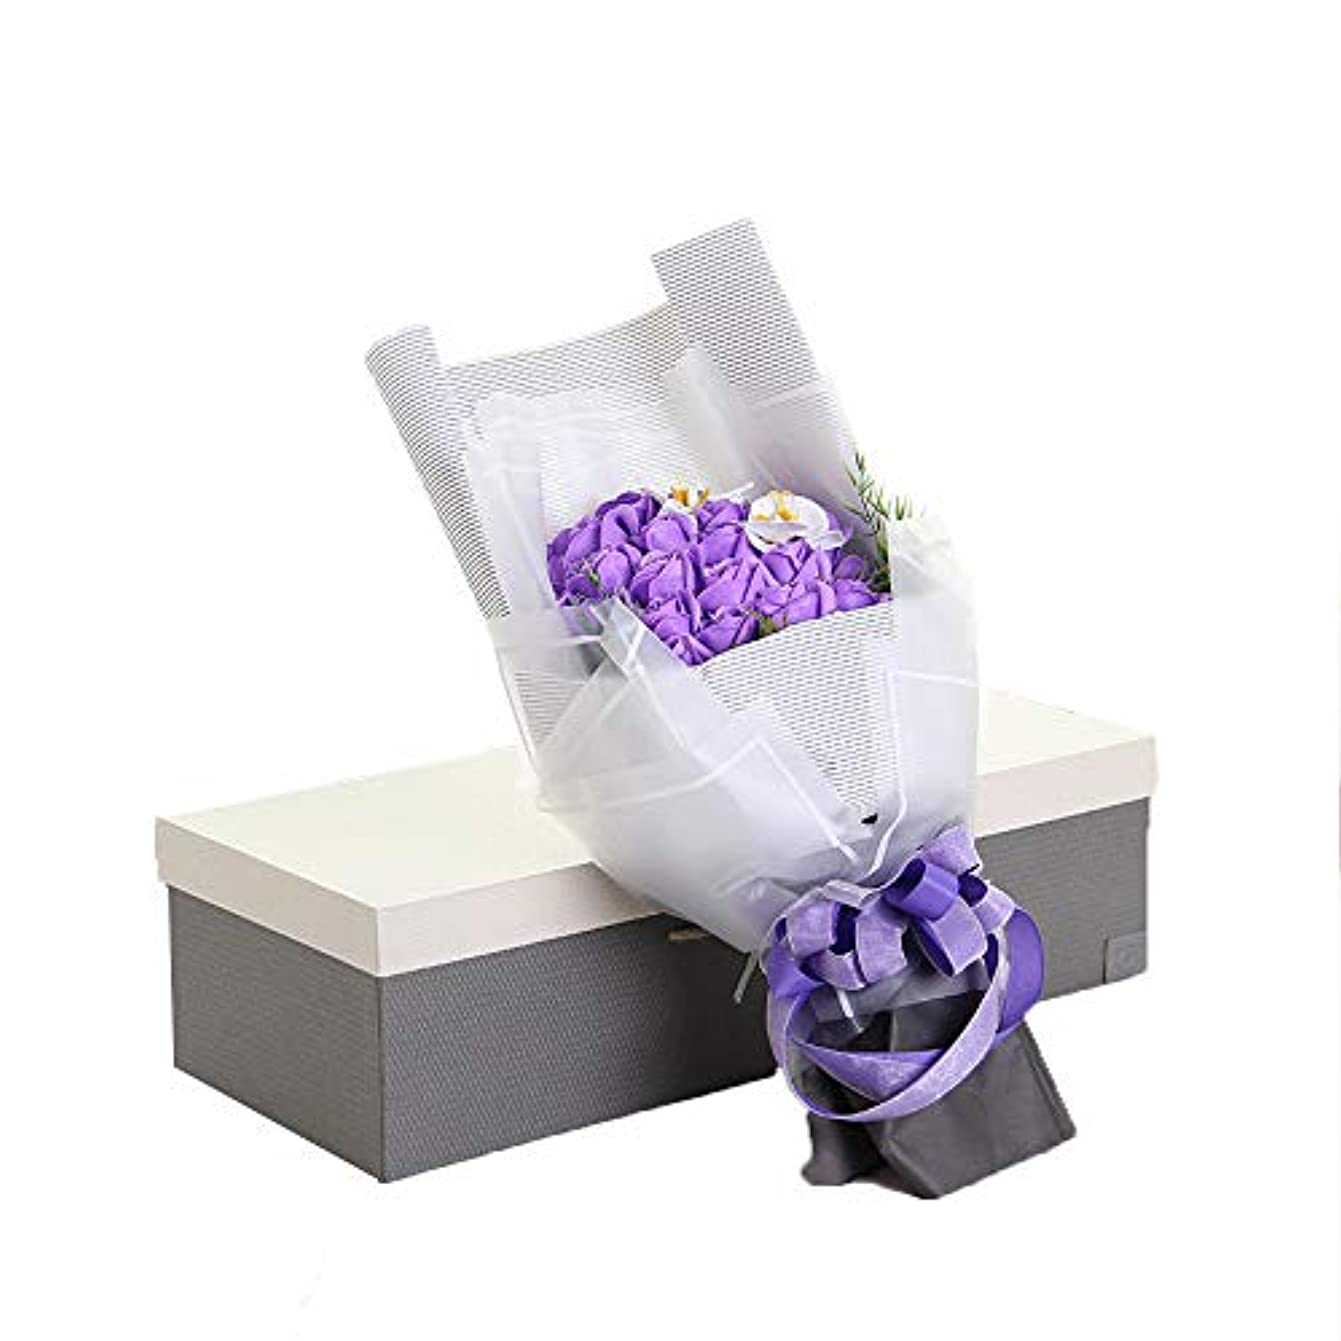 解凍する、雪解け、霜解け八百屋さんエキスパート手作り29石鹸花の花束ギフトボックス、女性のためのギフトバレンタインデー、母の日、結婚式、クリスマス、誕生日(ベアカラーランダム) (色 : 紫の)